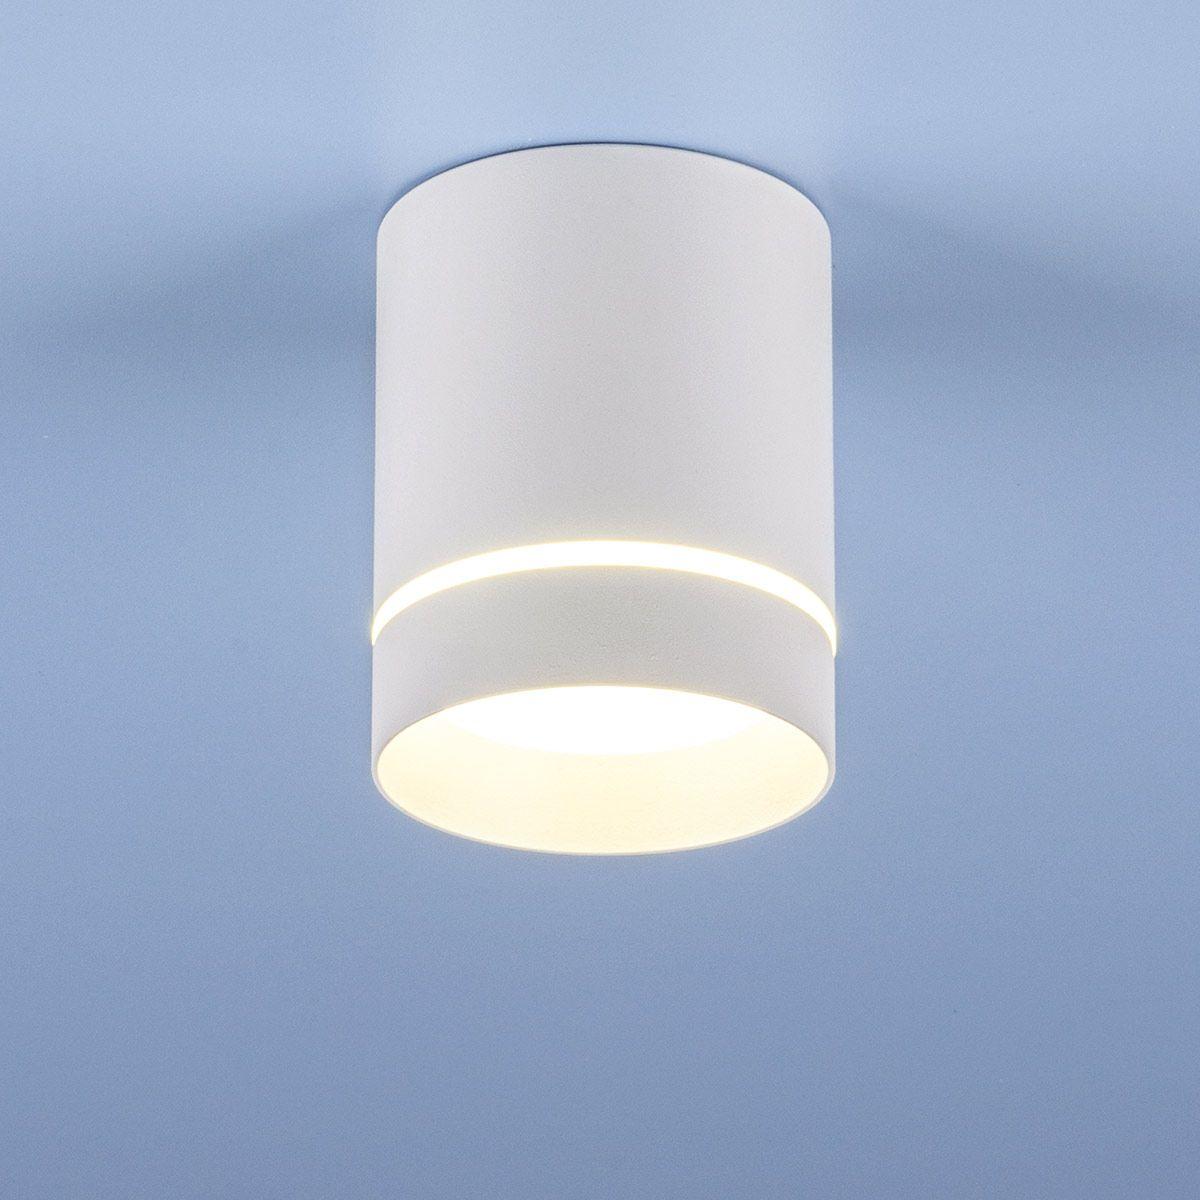 Накладной акцентный светодиодный светильник DLR021 9W 4200K белый матовый